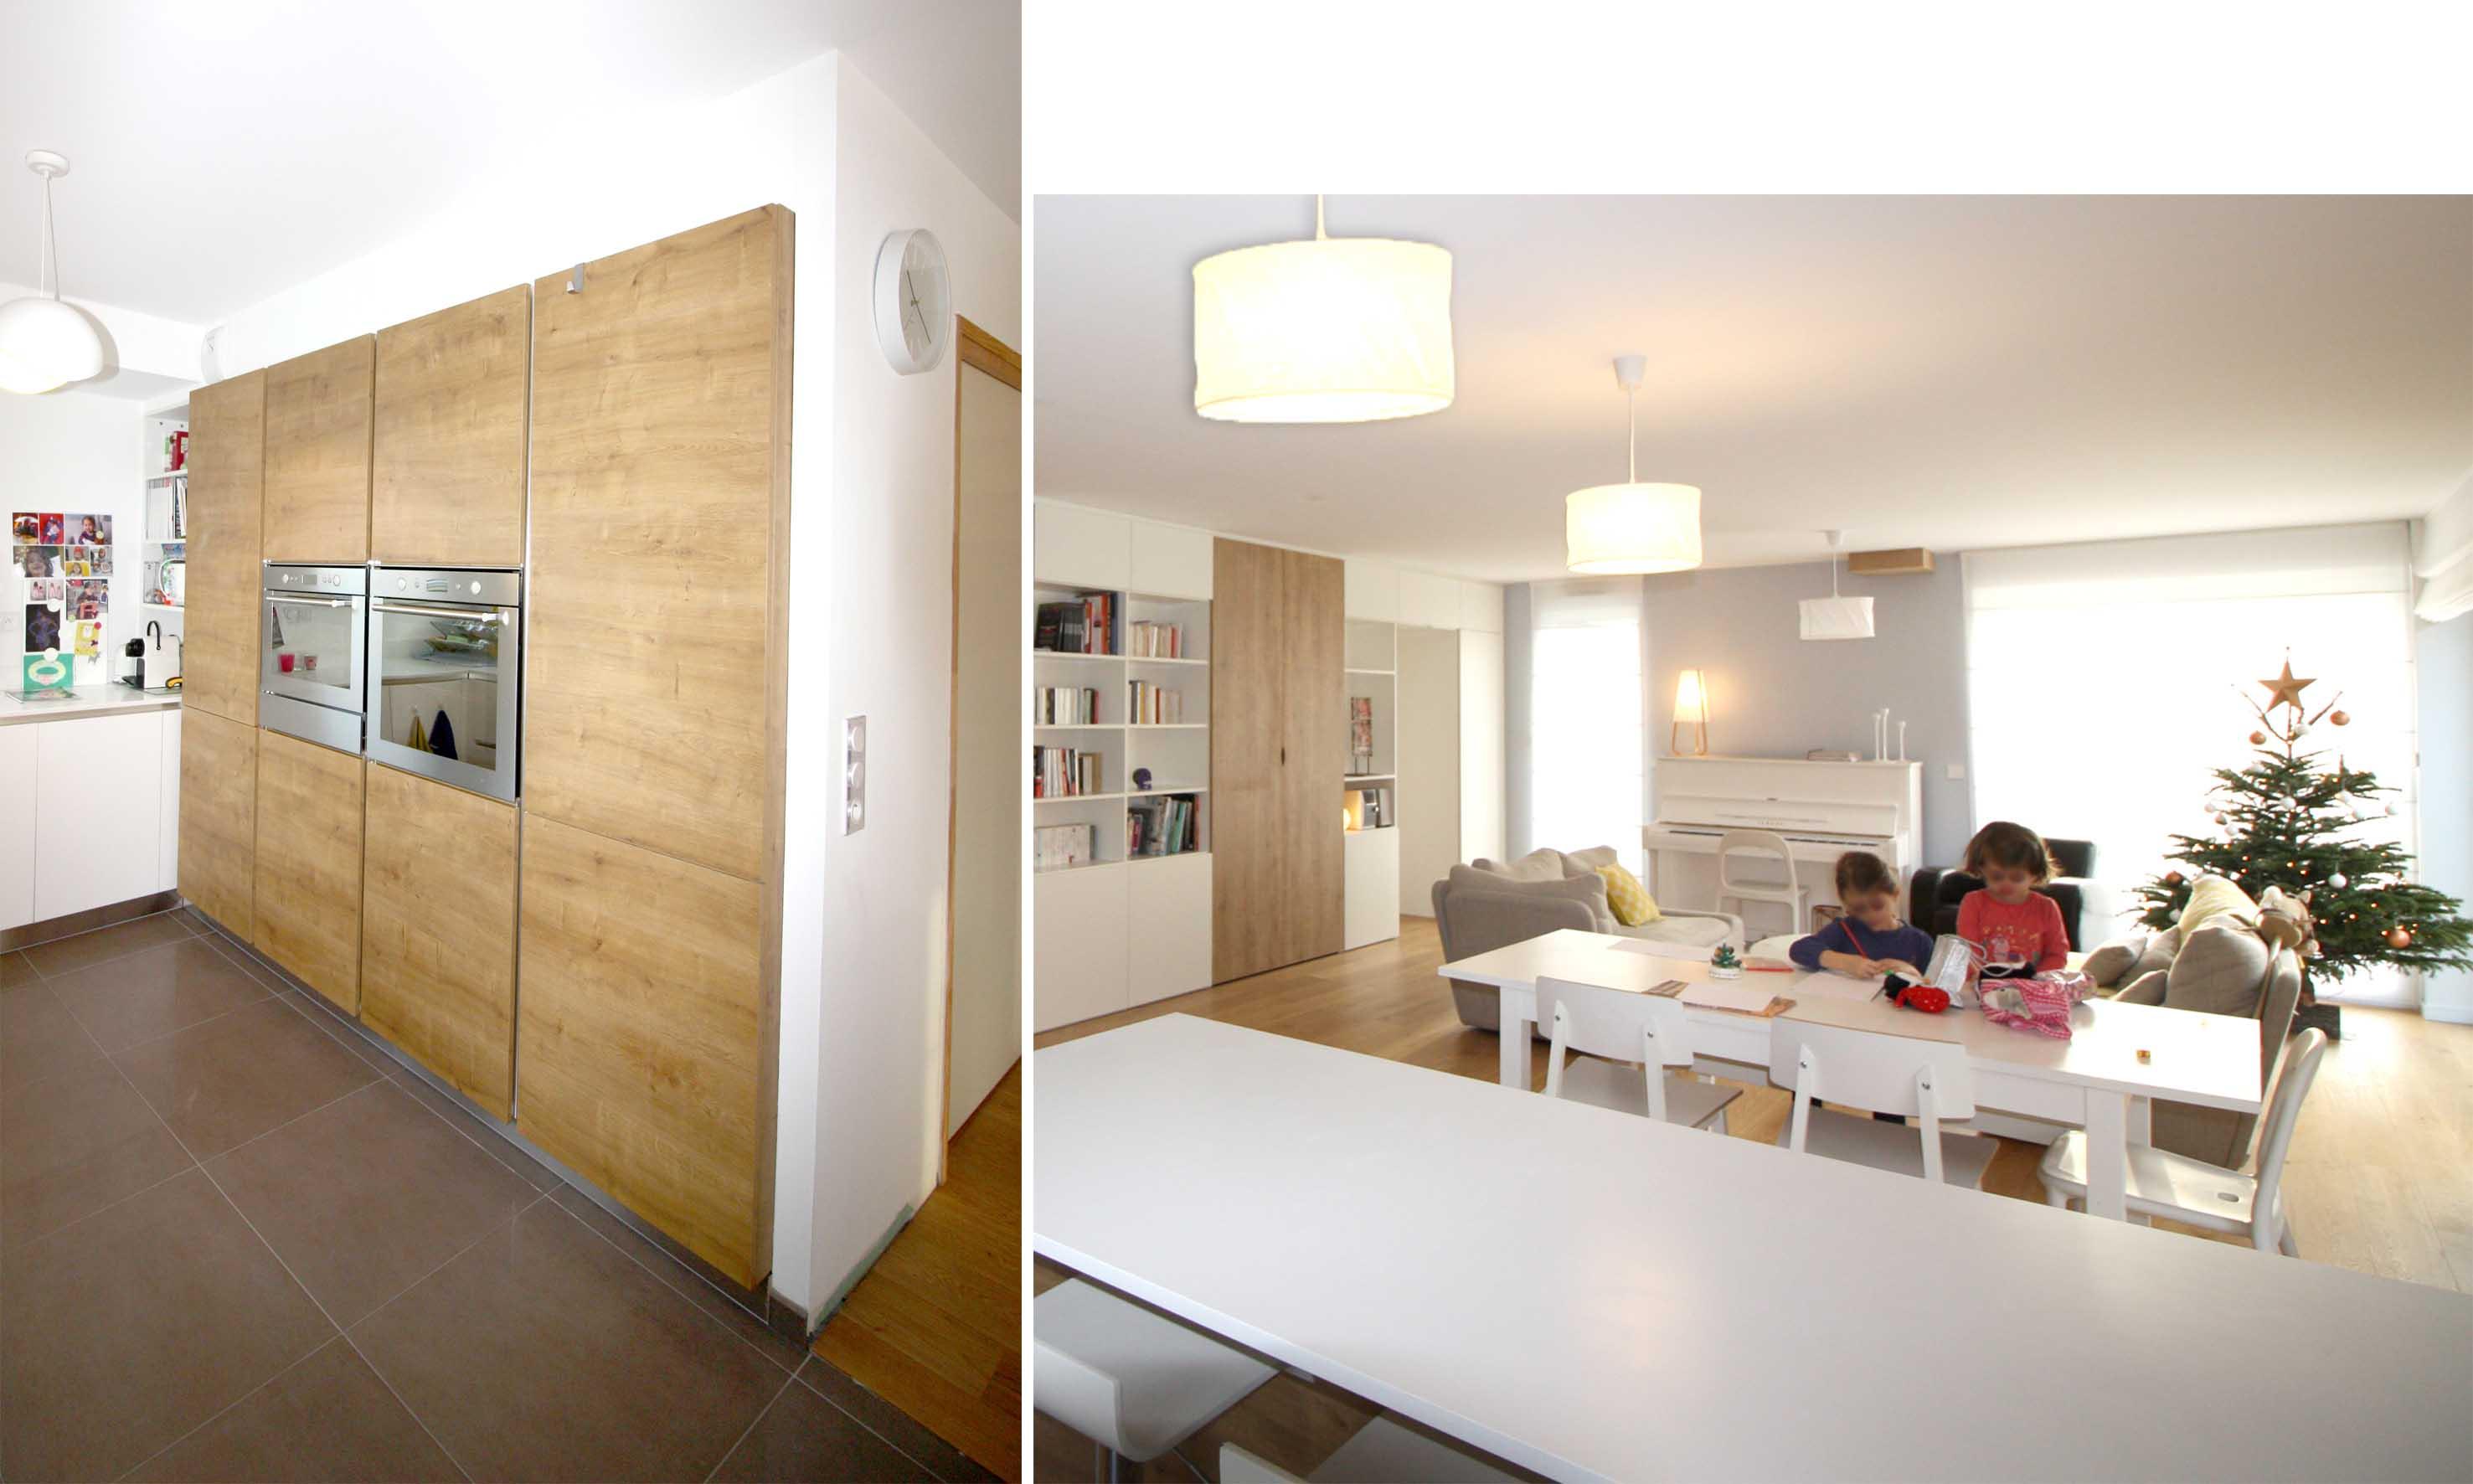 rdc maison neuve boddaert interieur architecte interieur lille nord. Black Bedroom Furniture Sets. Home Design Ideas